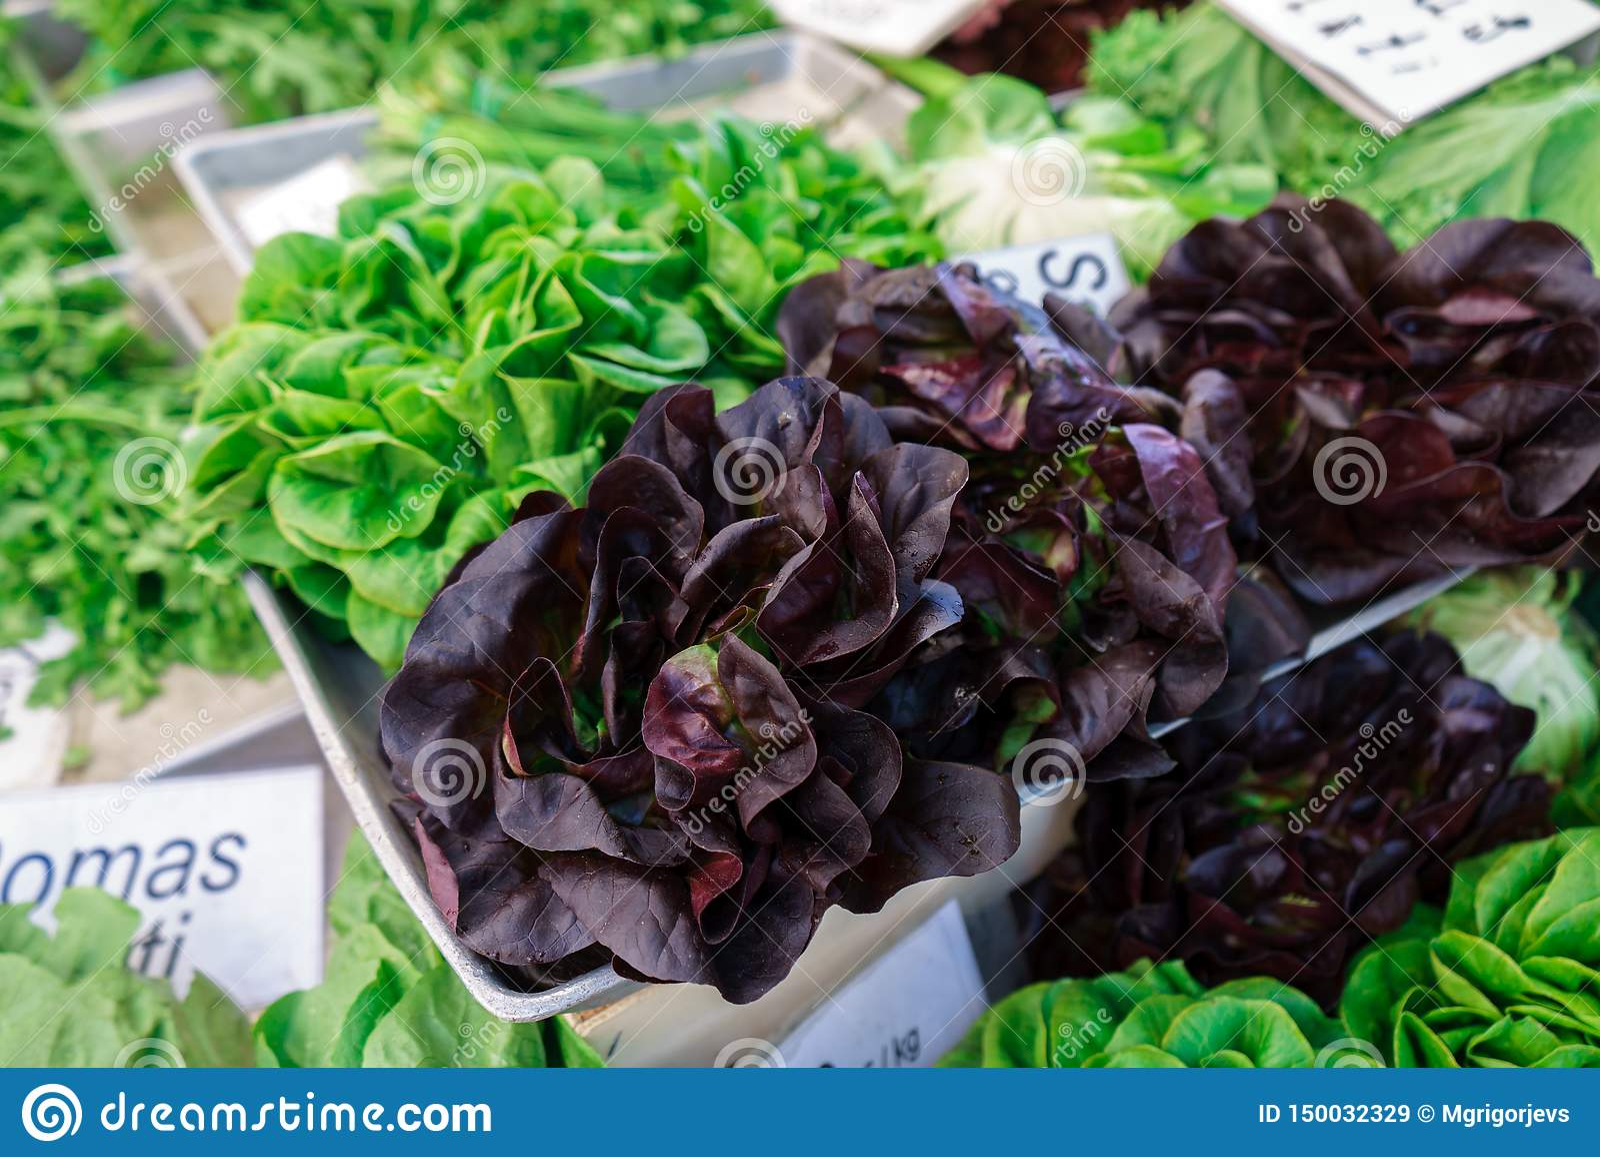 Escolheu recentemente variedades inteiras da alface no mercado do fazendeiro